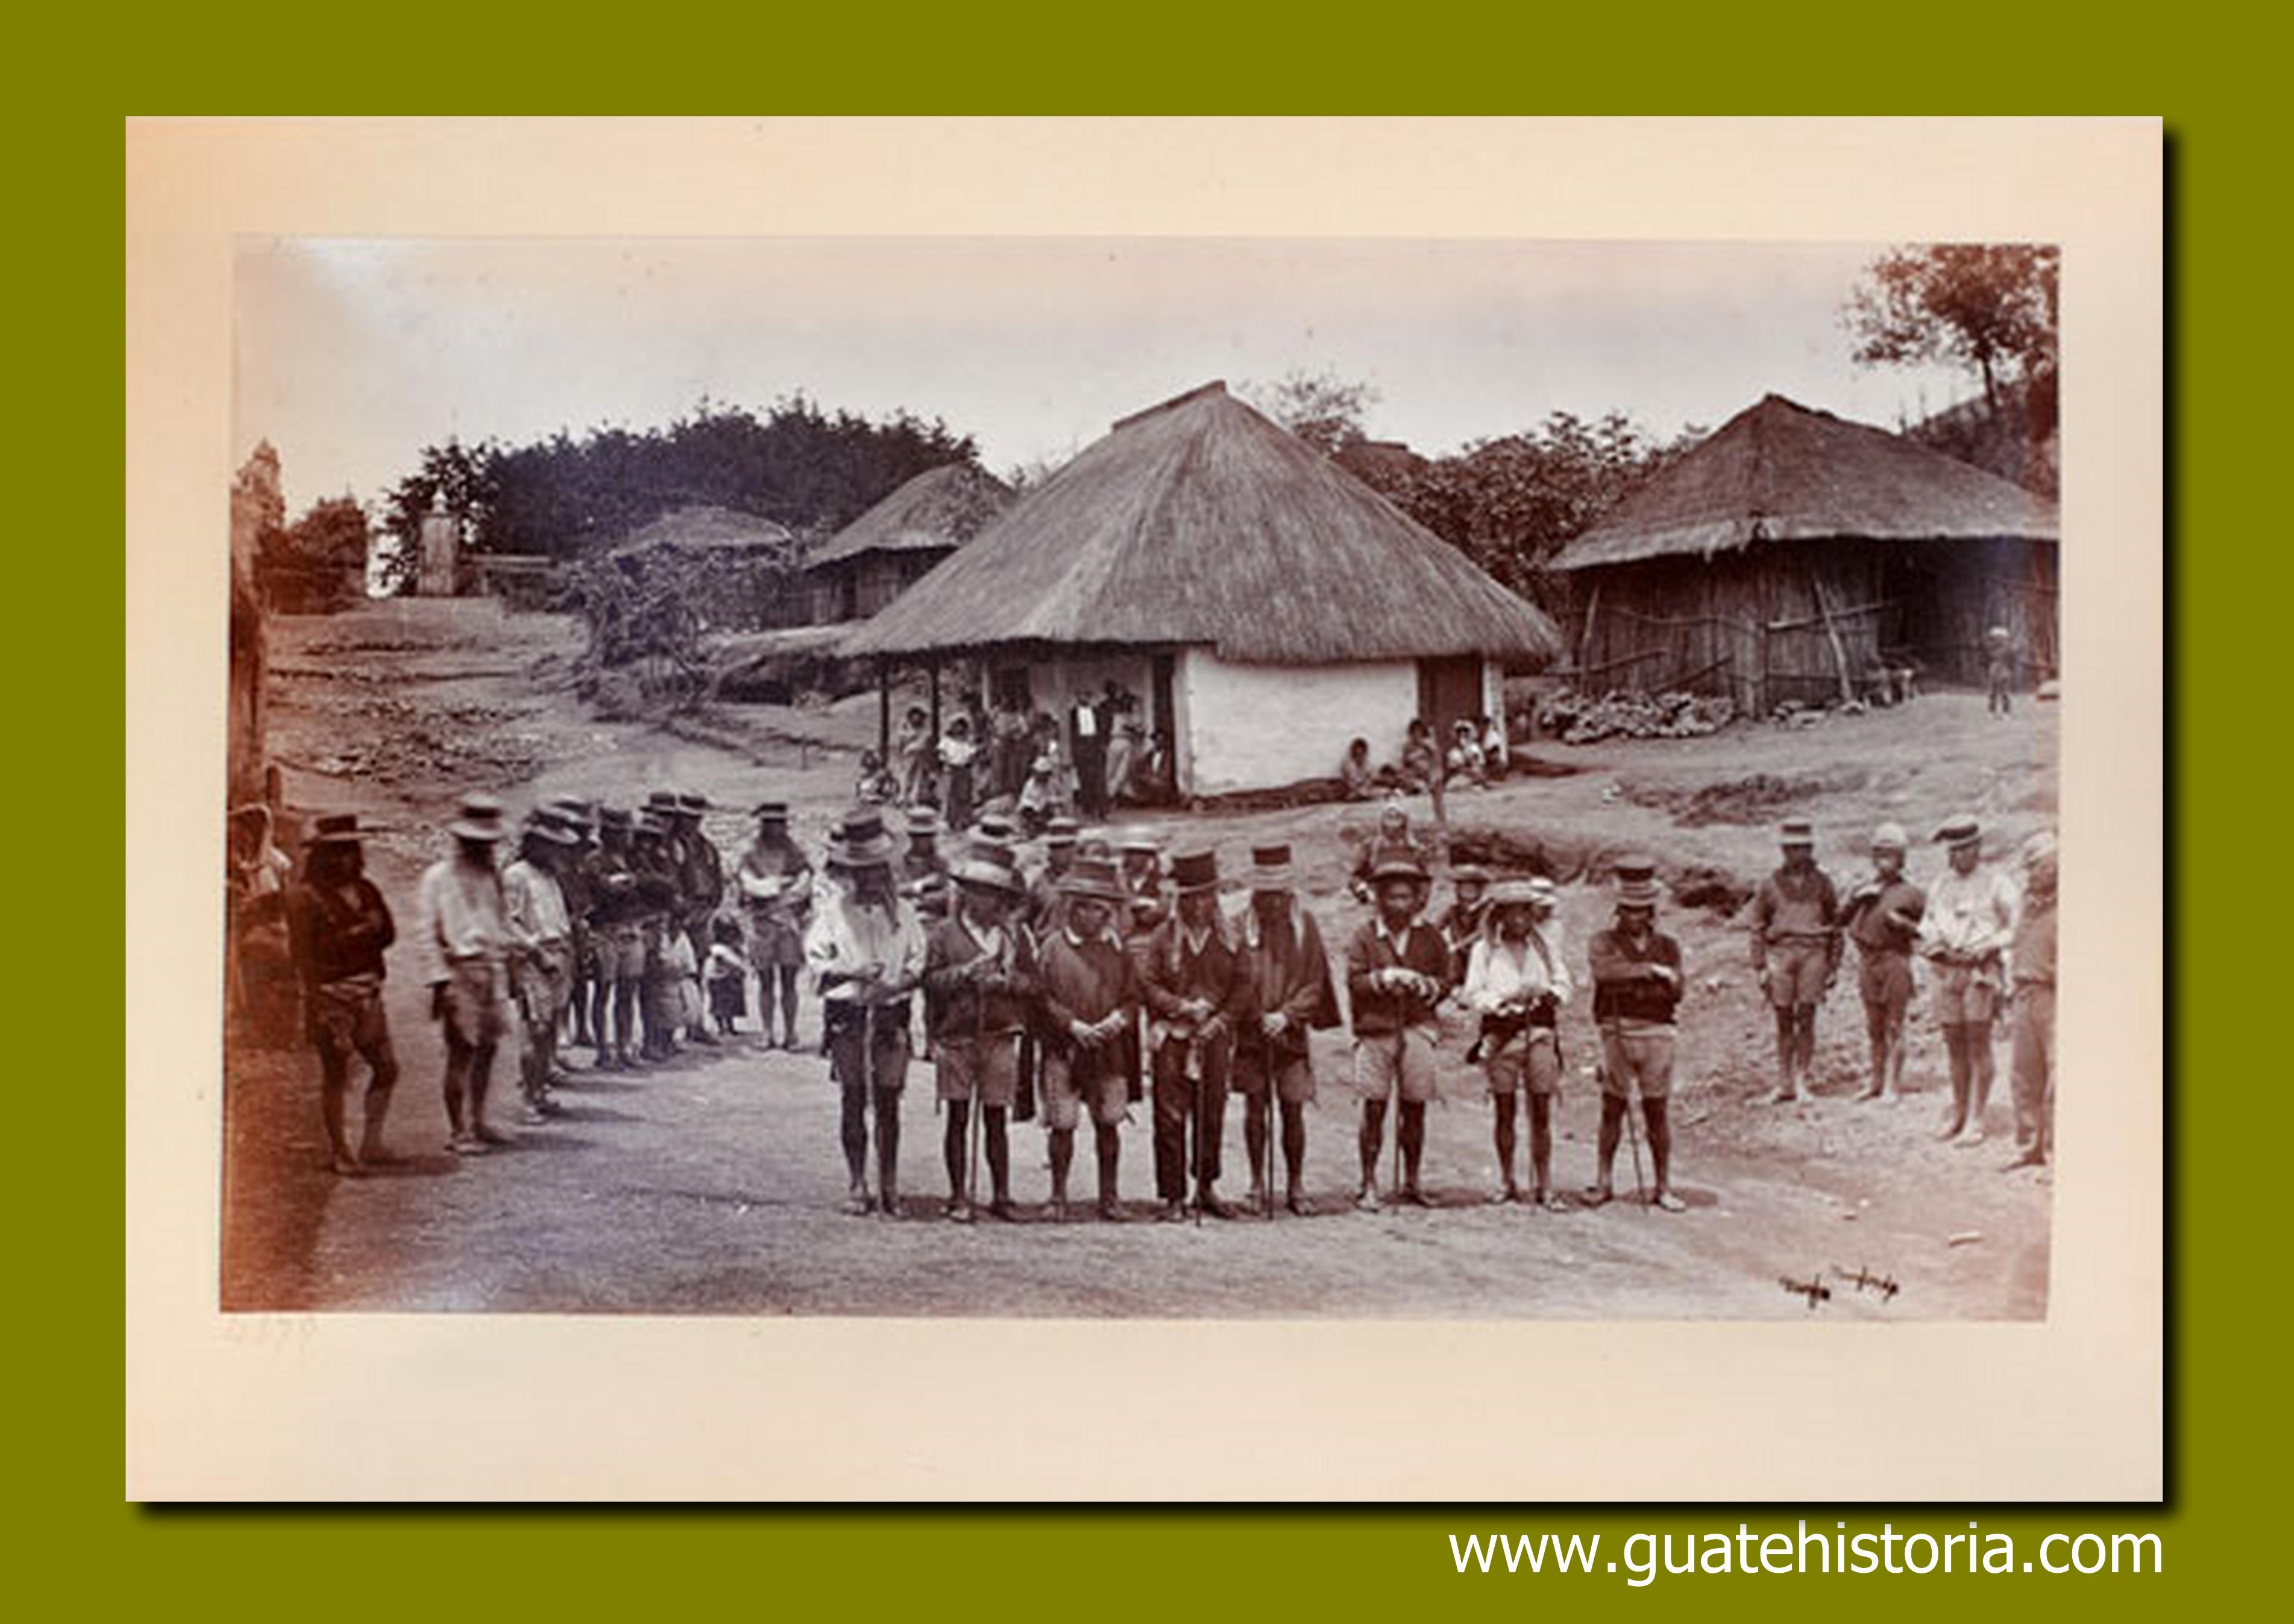 indigenas-de-santa-maria-sacatepequez-en-1885